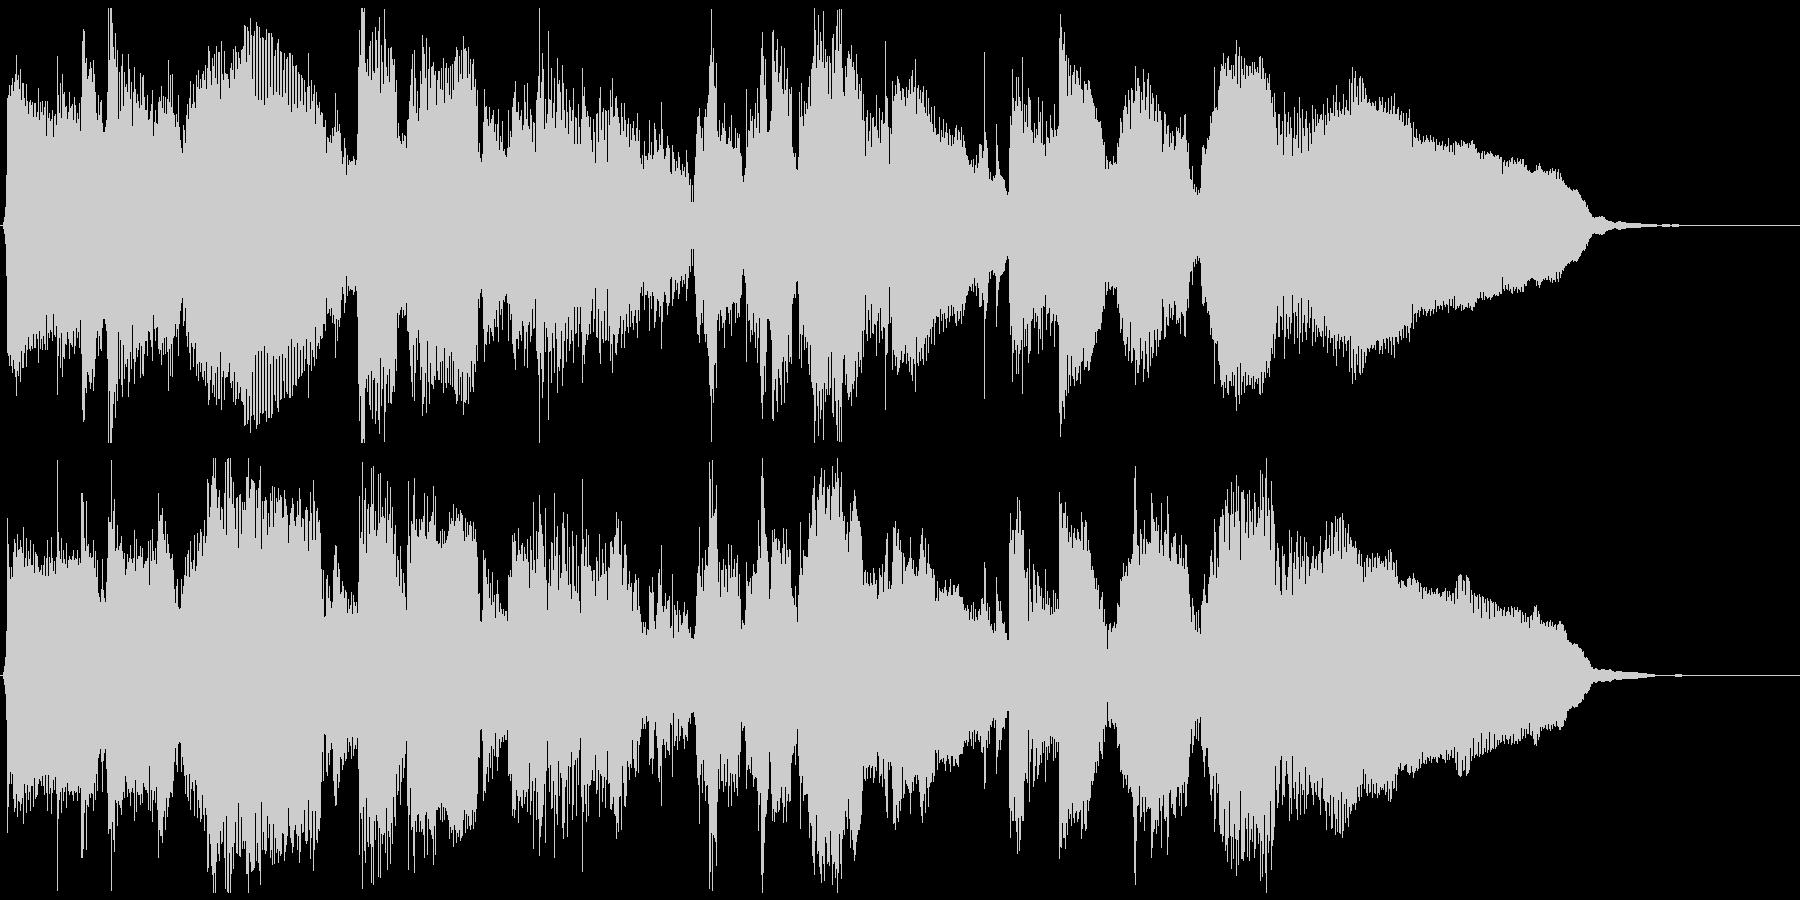 静かなサックスとピアノ◆CM向け15秒曲の未再生の波形